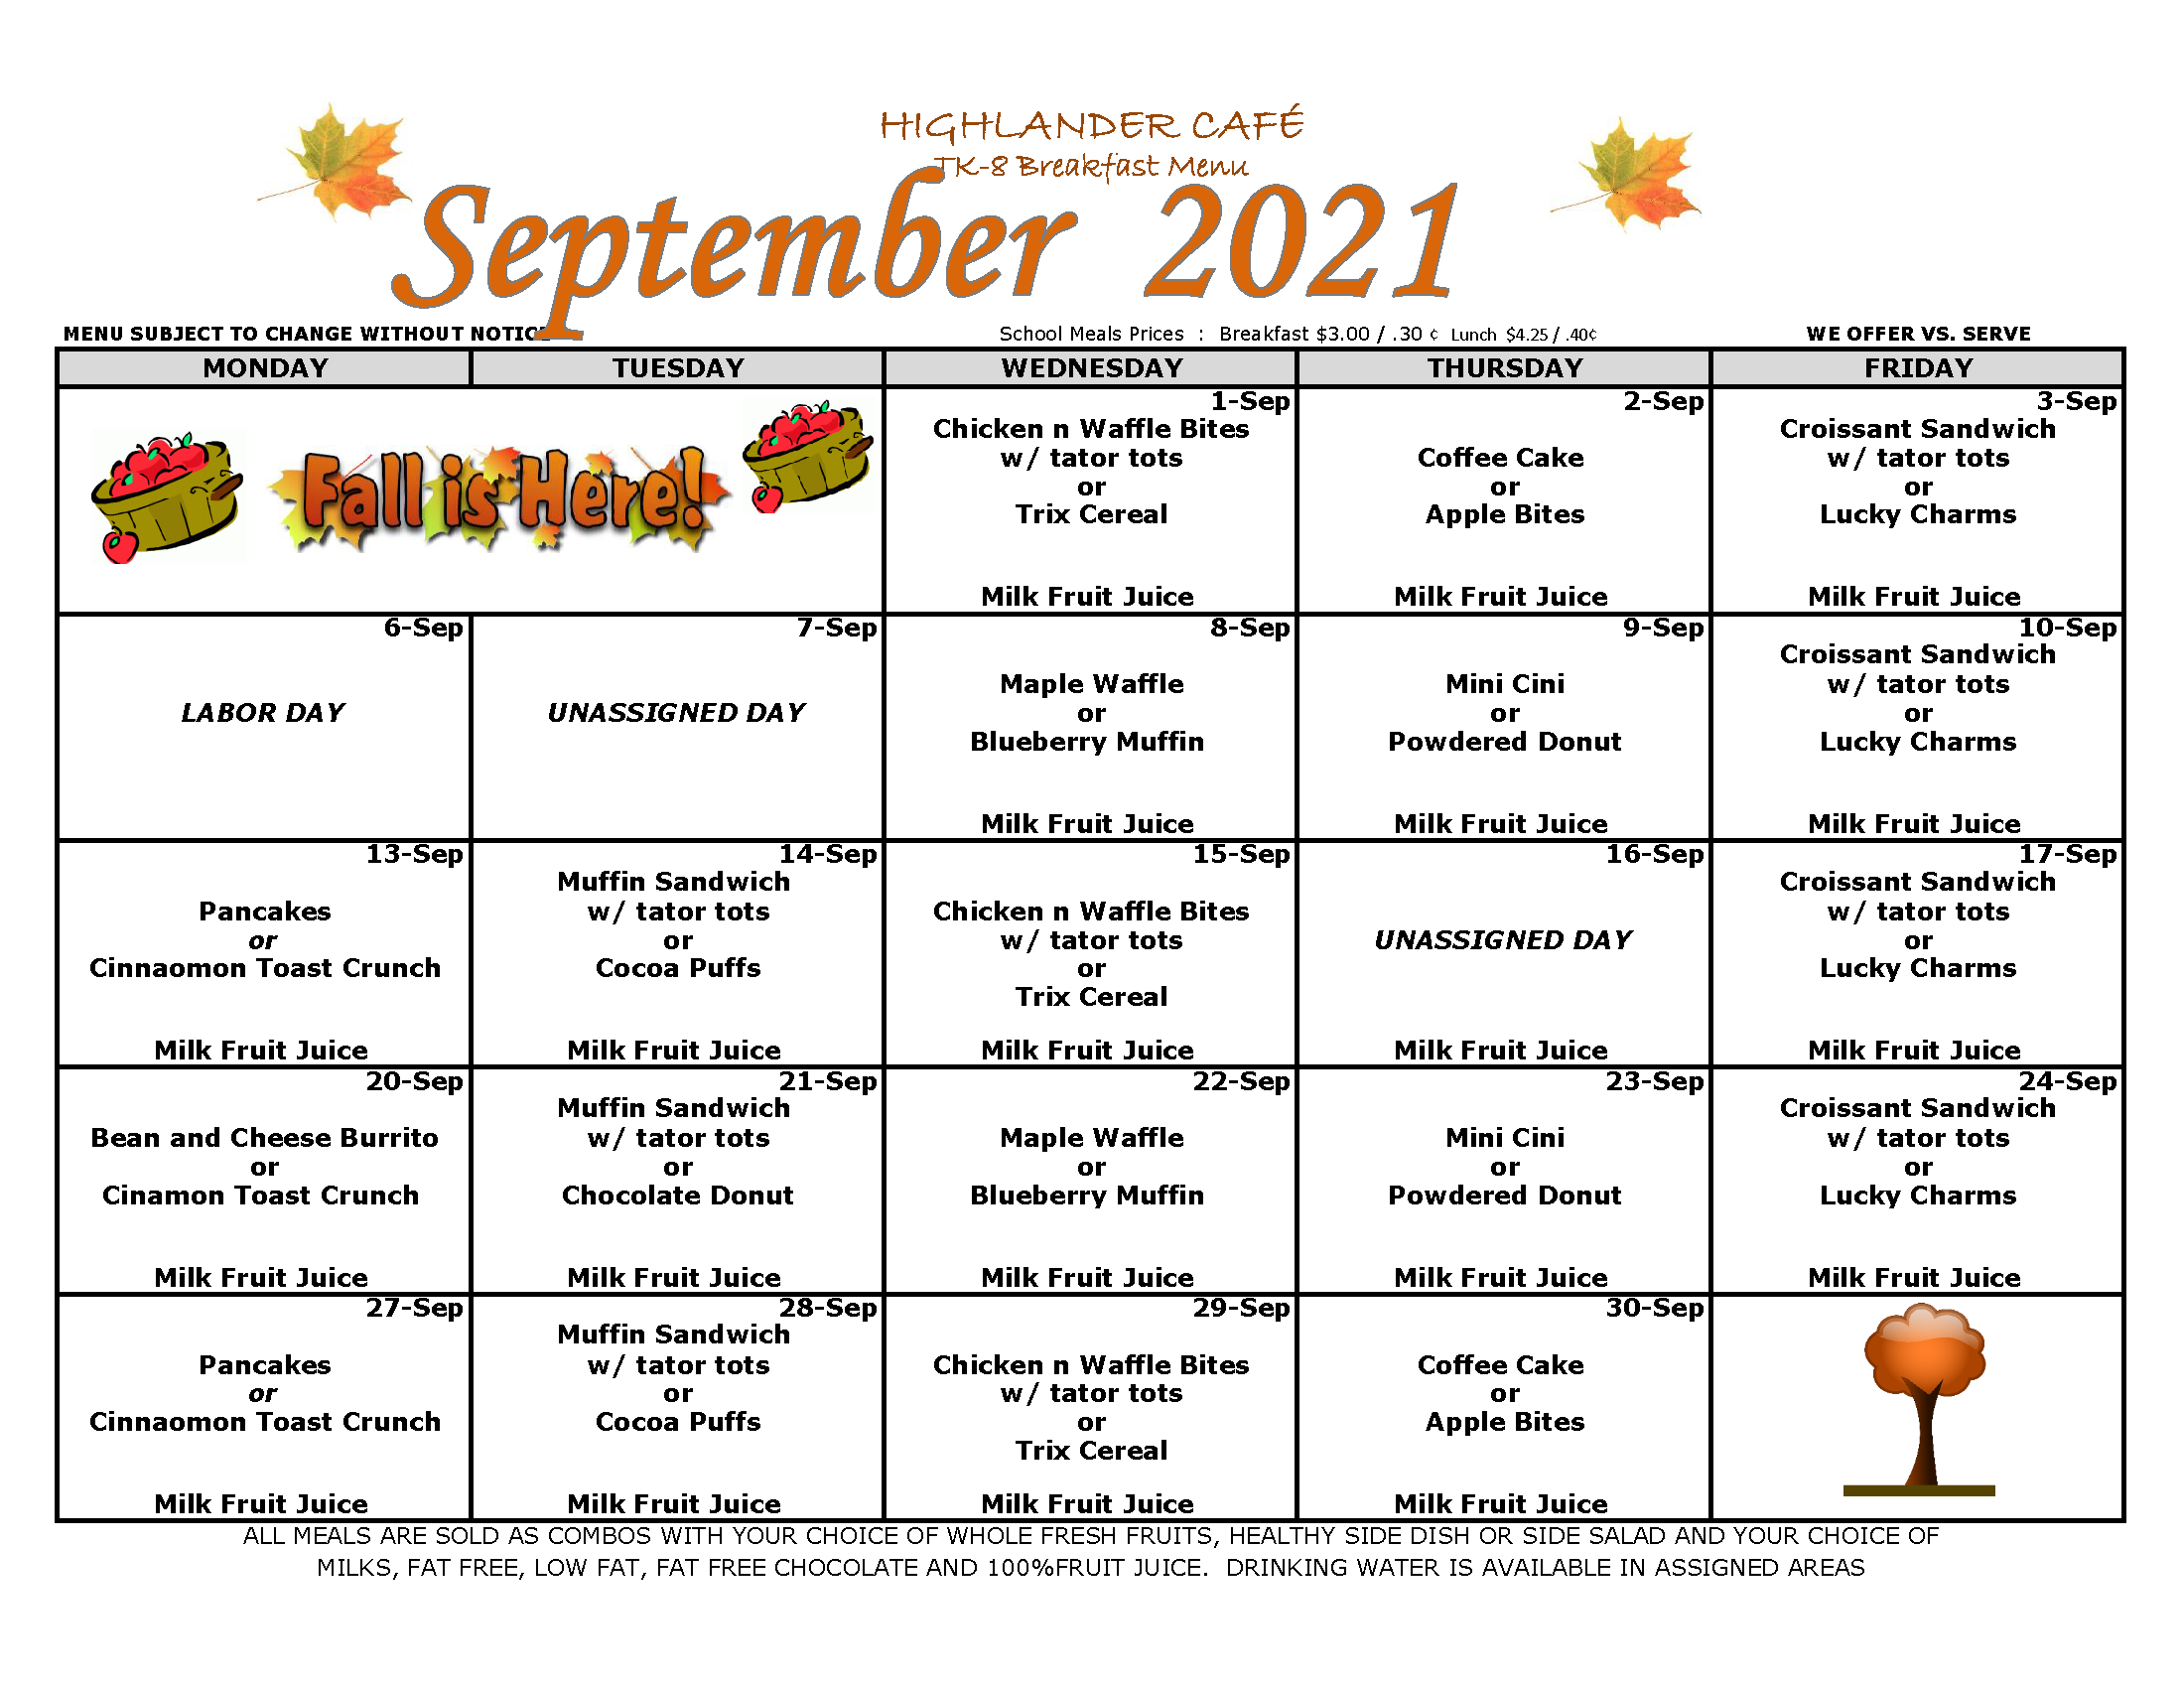 SeptemberBreakfast2021TK8.png